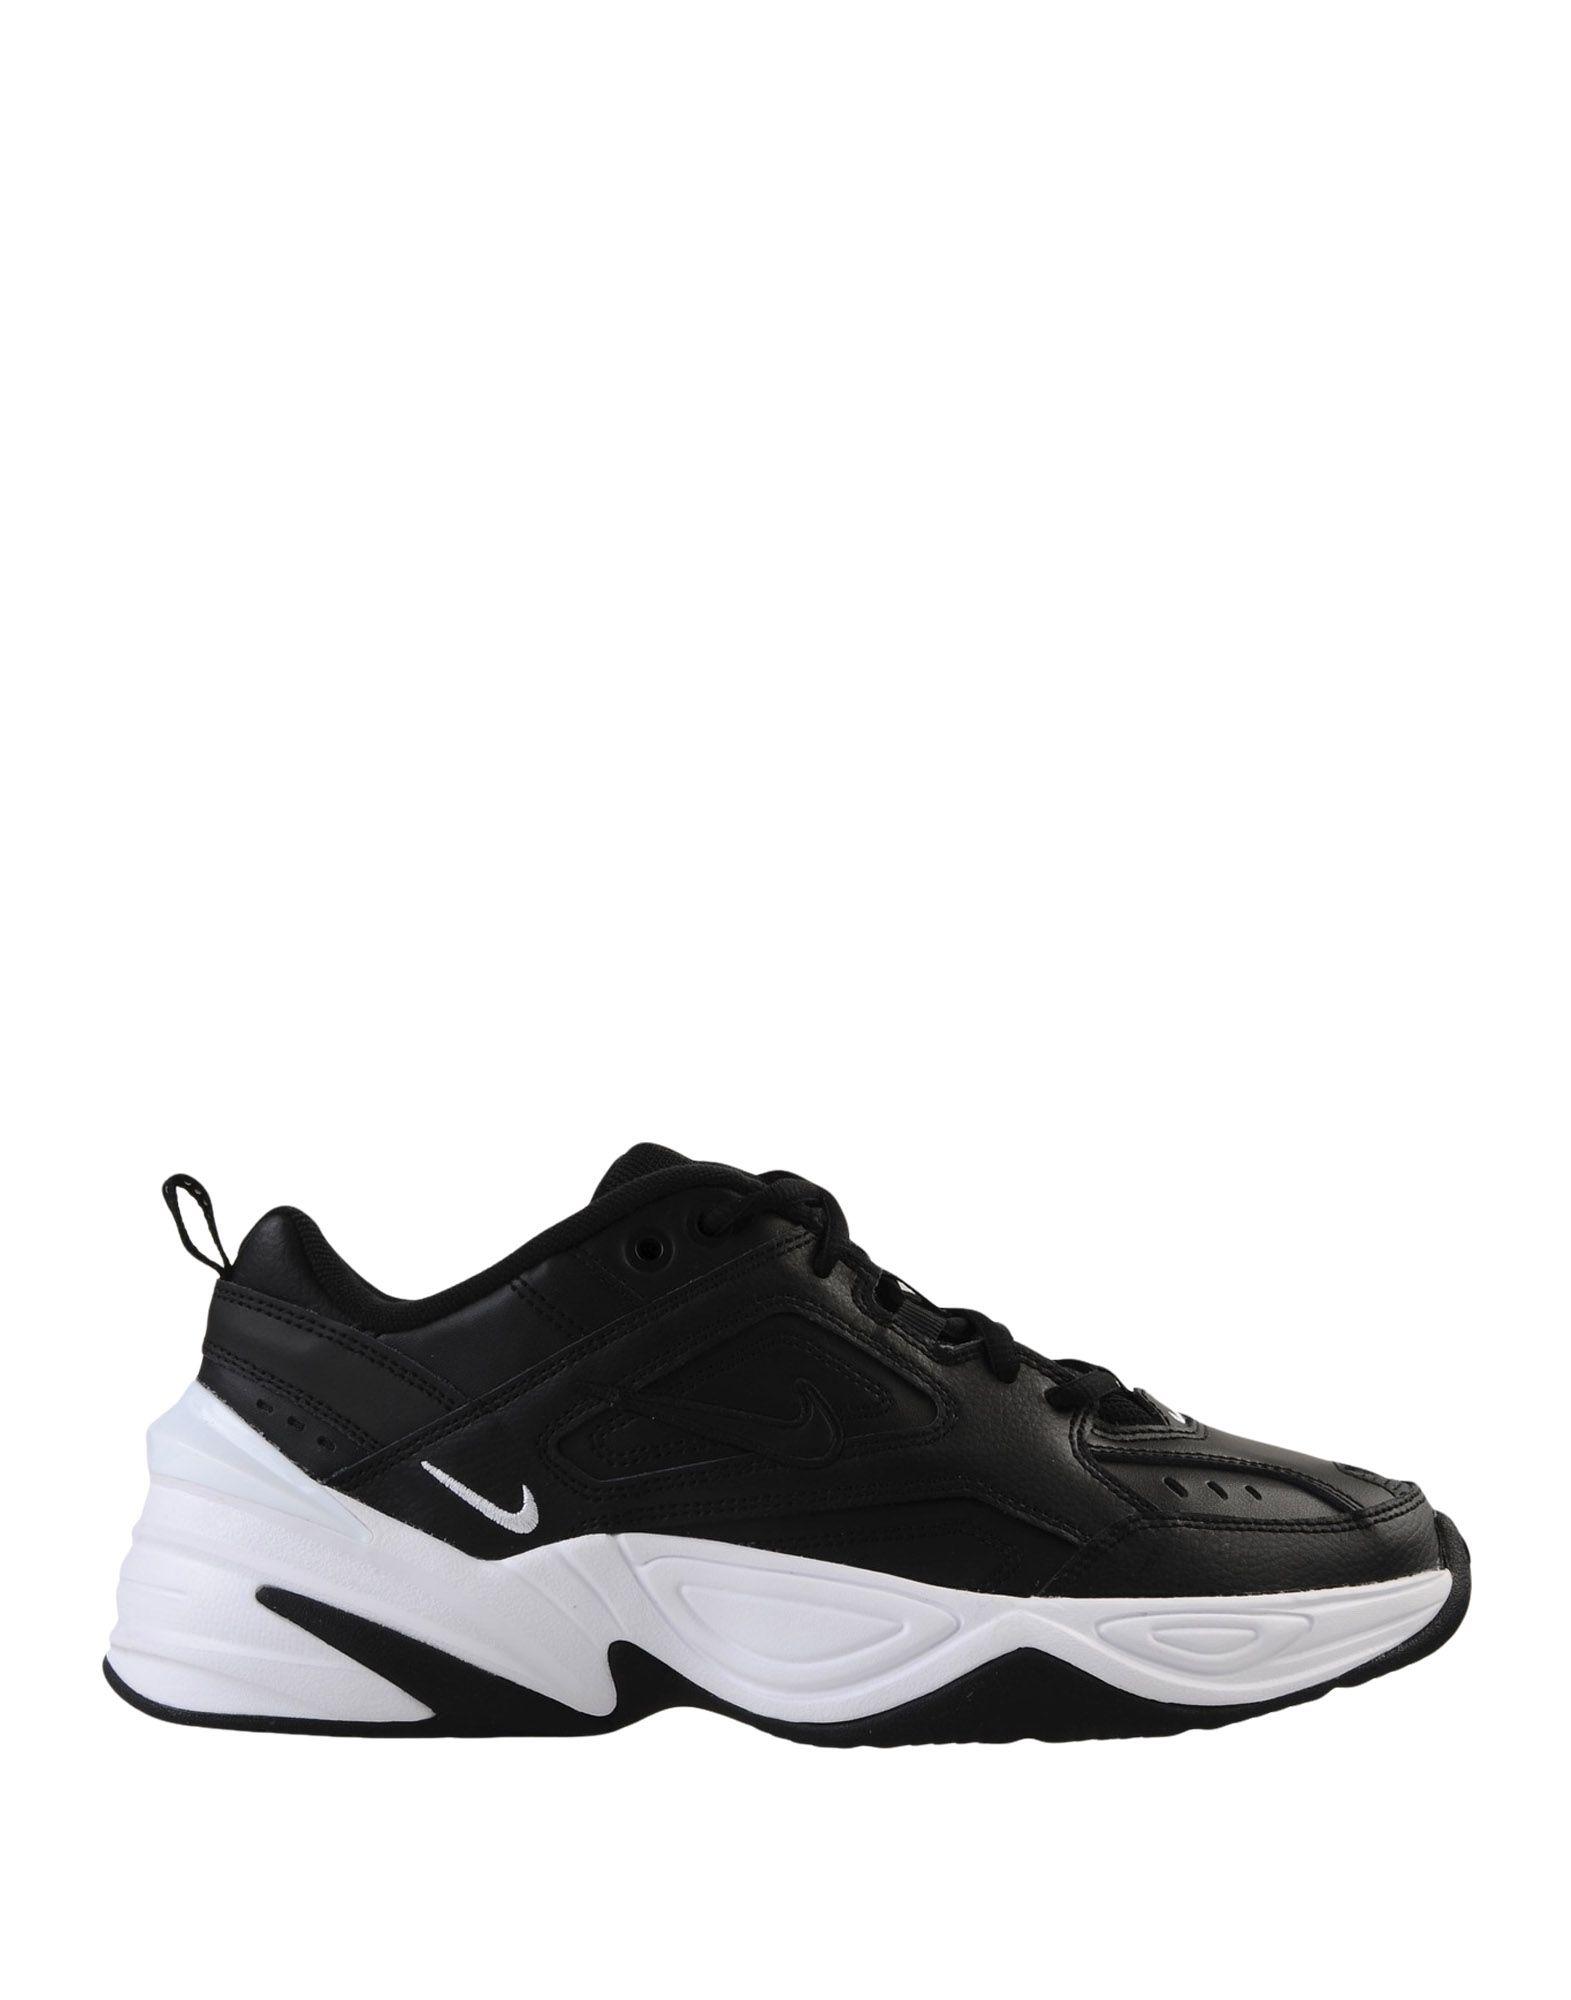 Scarpe da - Ginnastica Nike  M2k Tekno - da Donna - 11579667QI 6fc99d